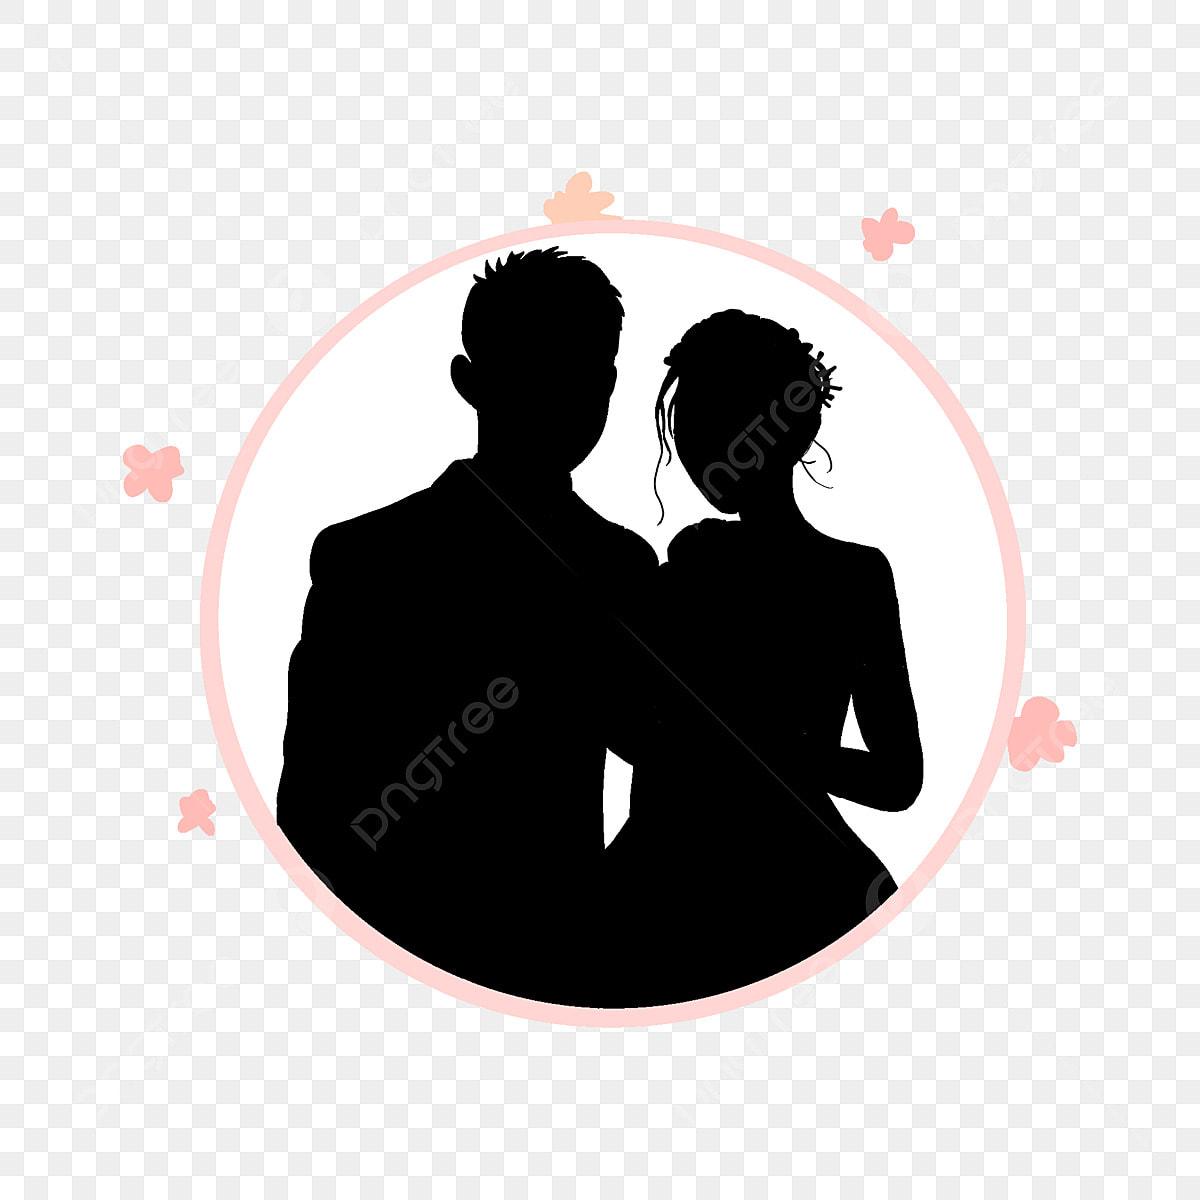 Baru Berkahwin Pasangan Pengantin Baru Berkahwin